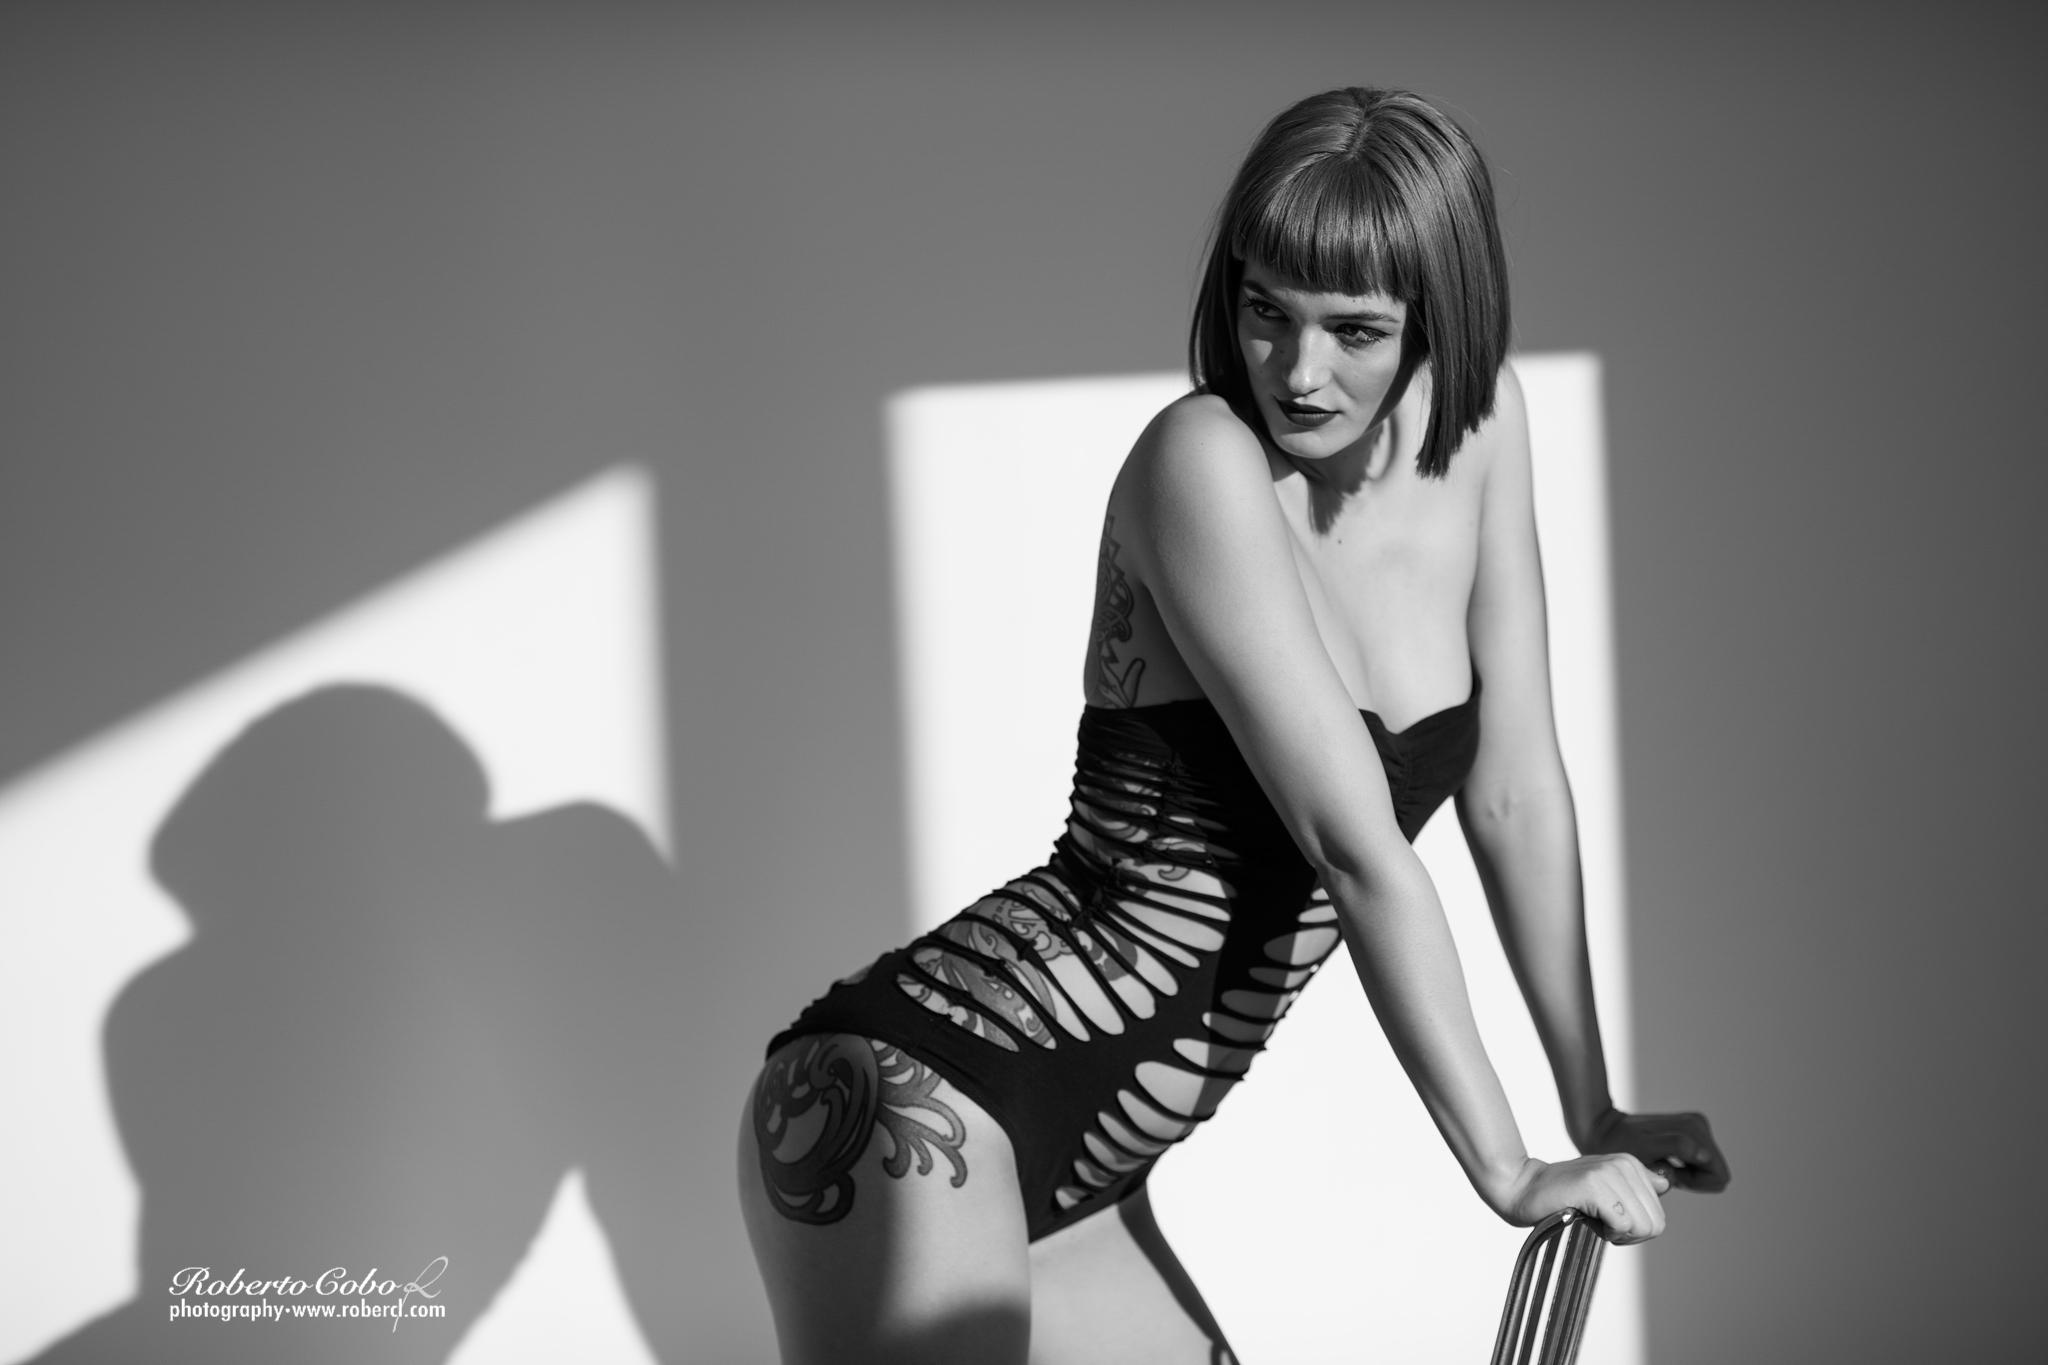 Retratos - Roberto Cobo - Fotografía Retratos